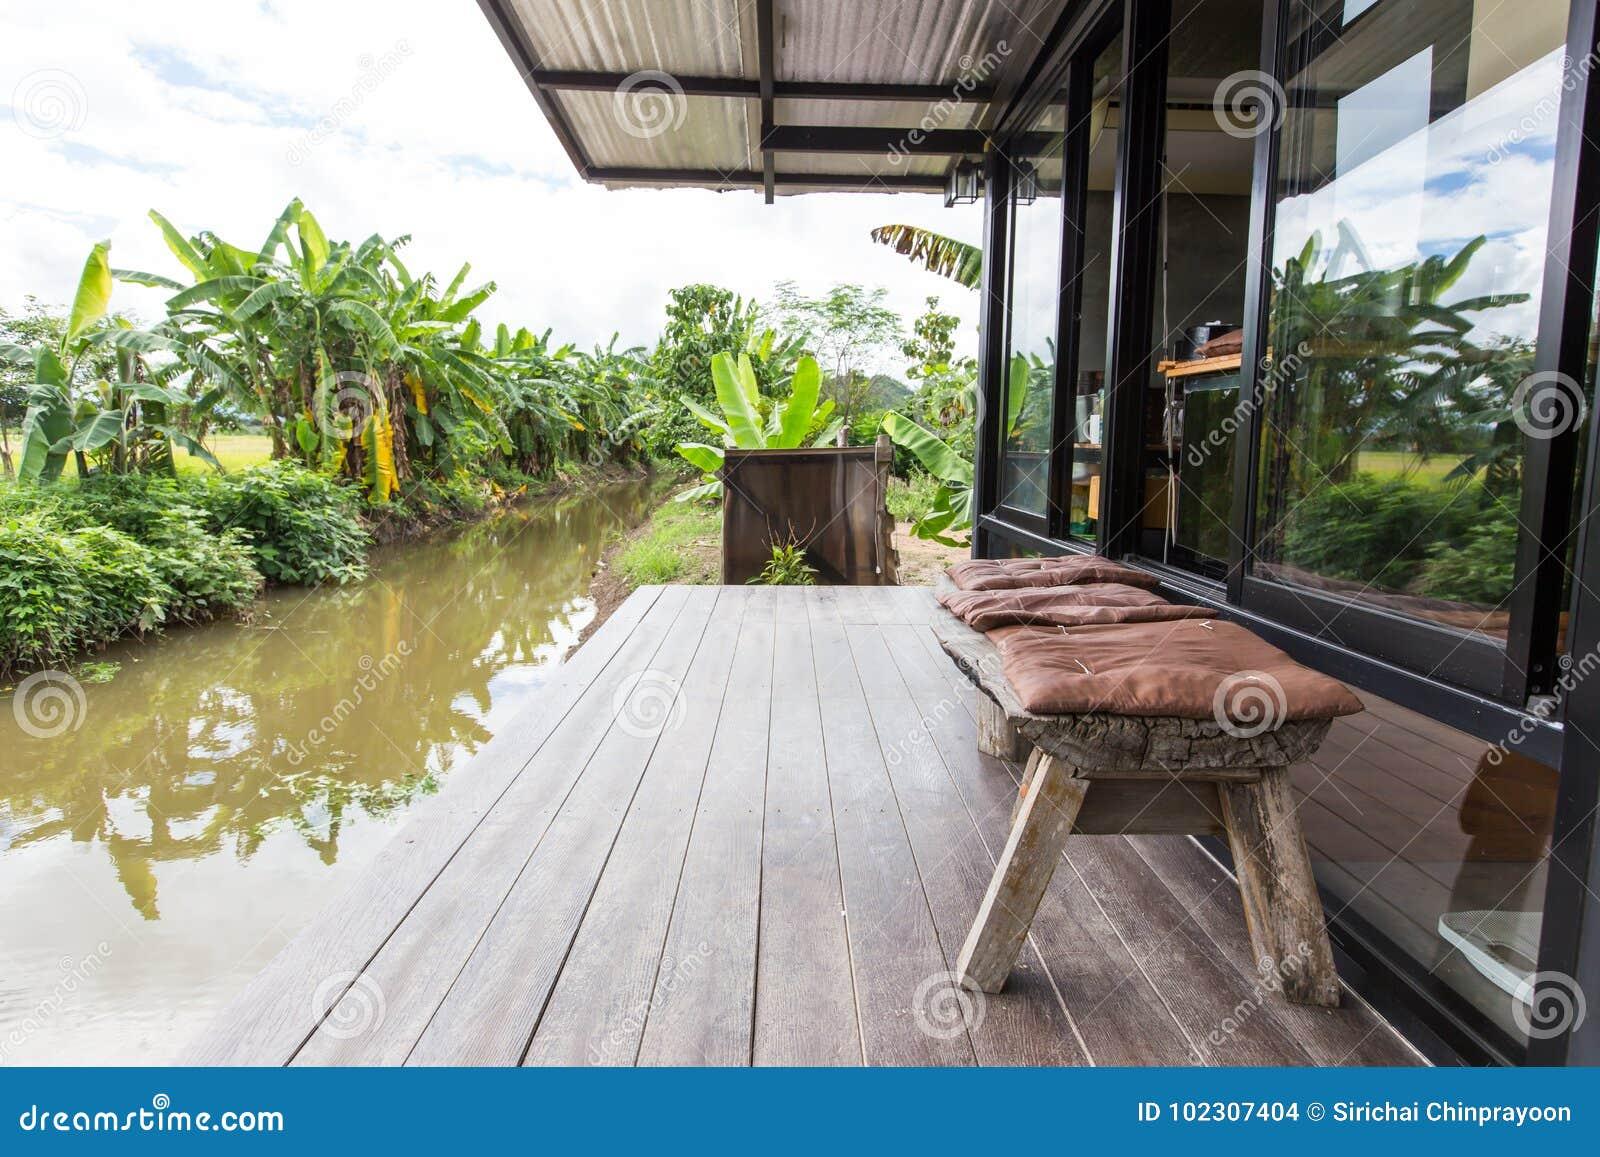 houten bank op balkon stock foto. afbeelding bestaande uit balkon